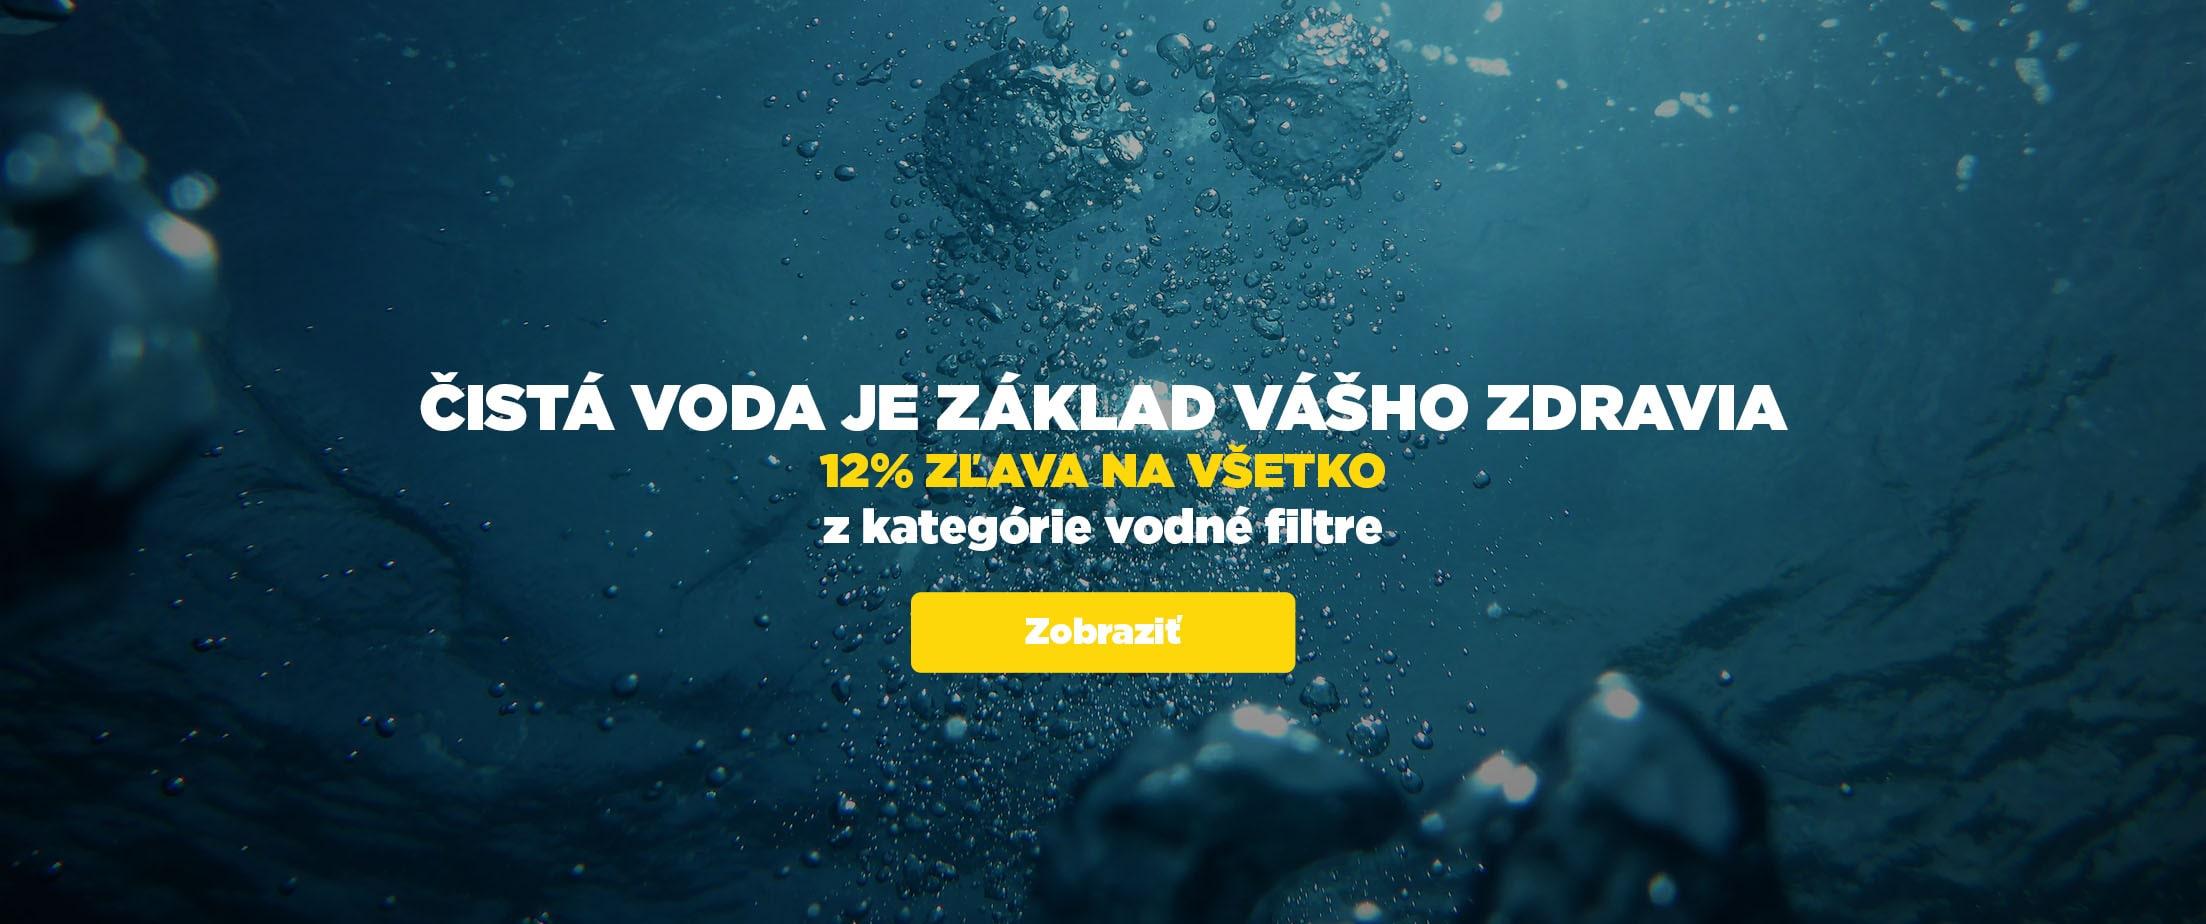 VODA 12% SLEVA